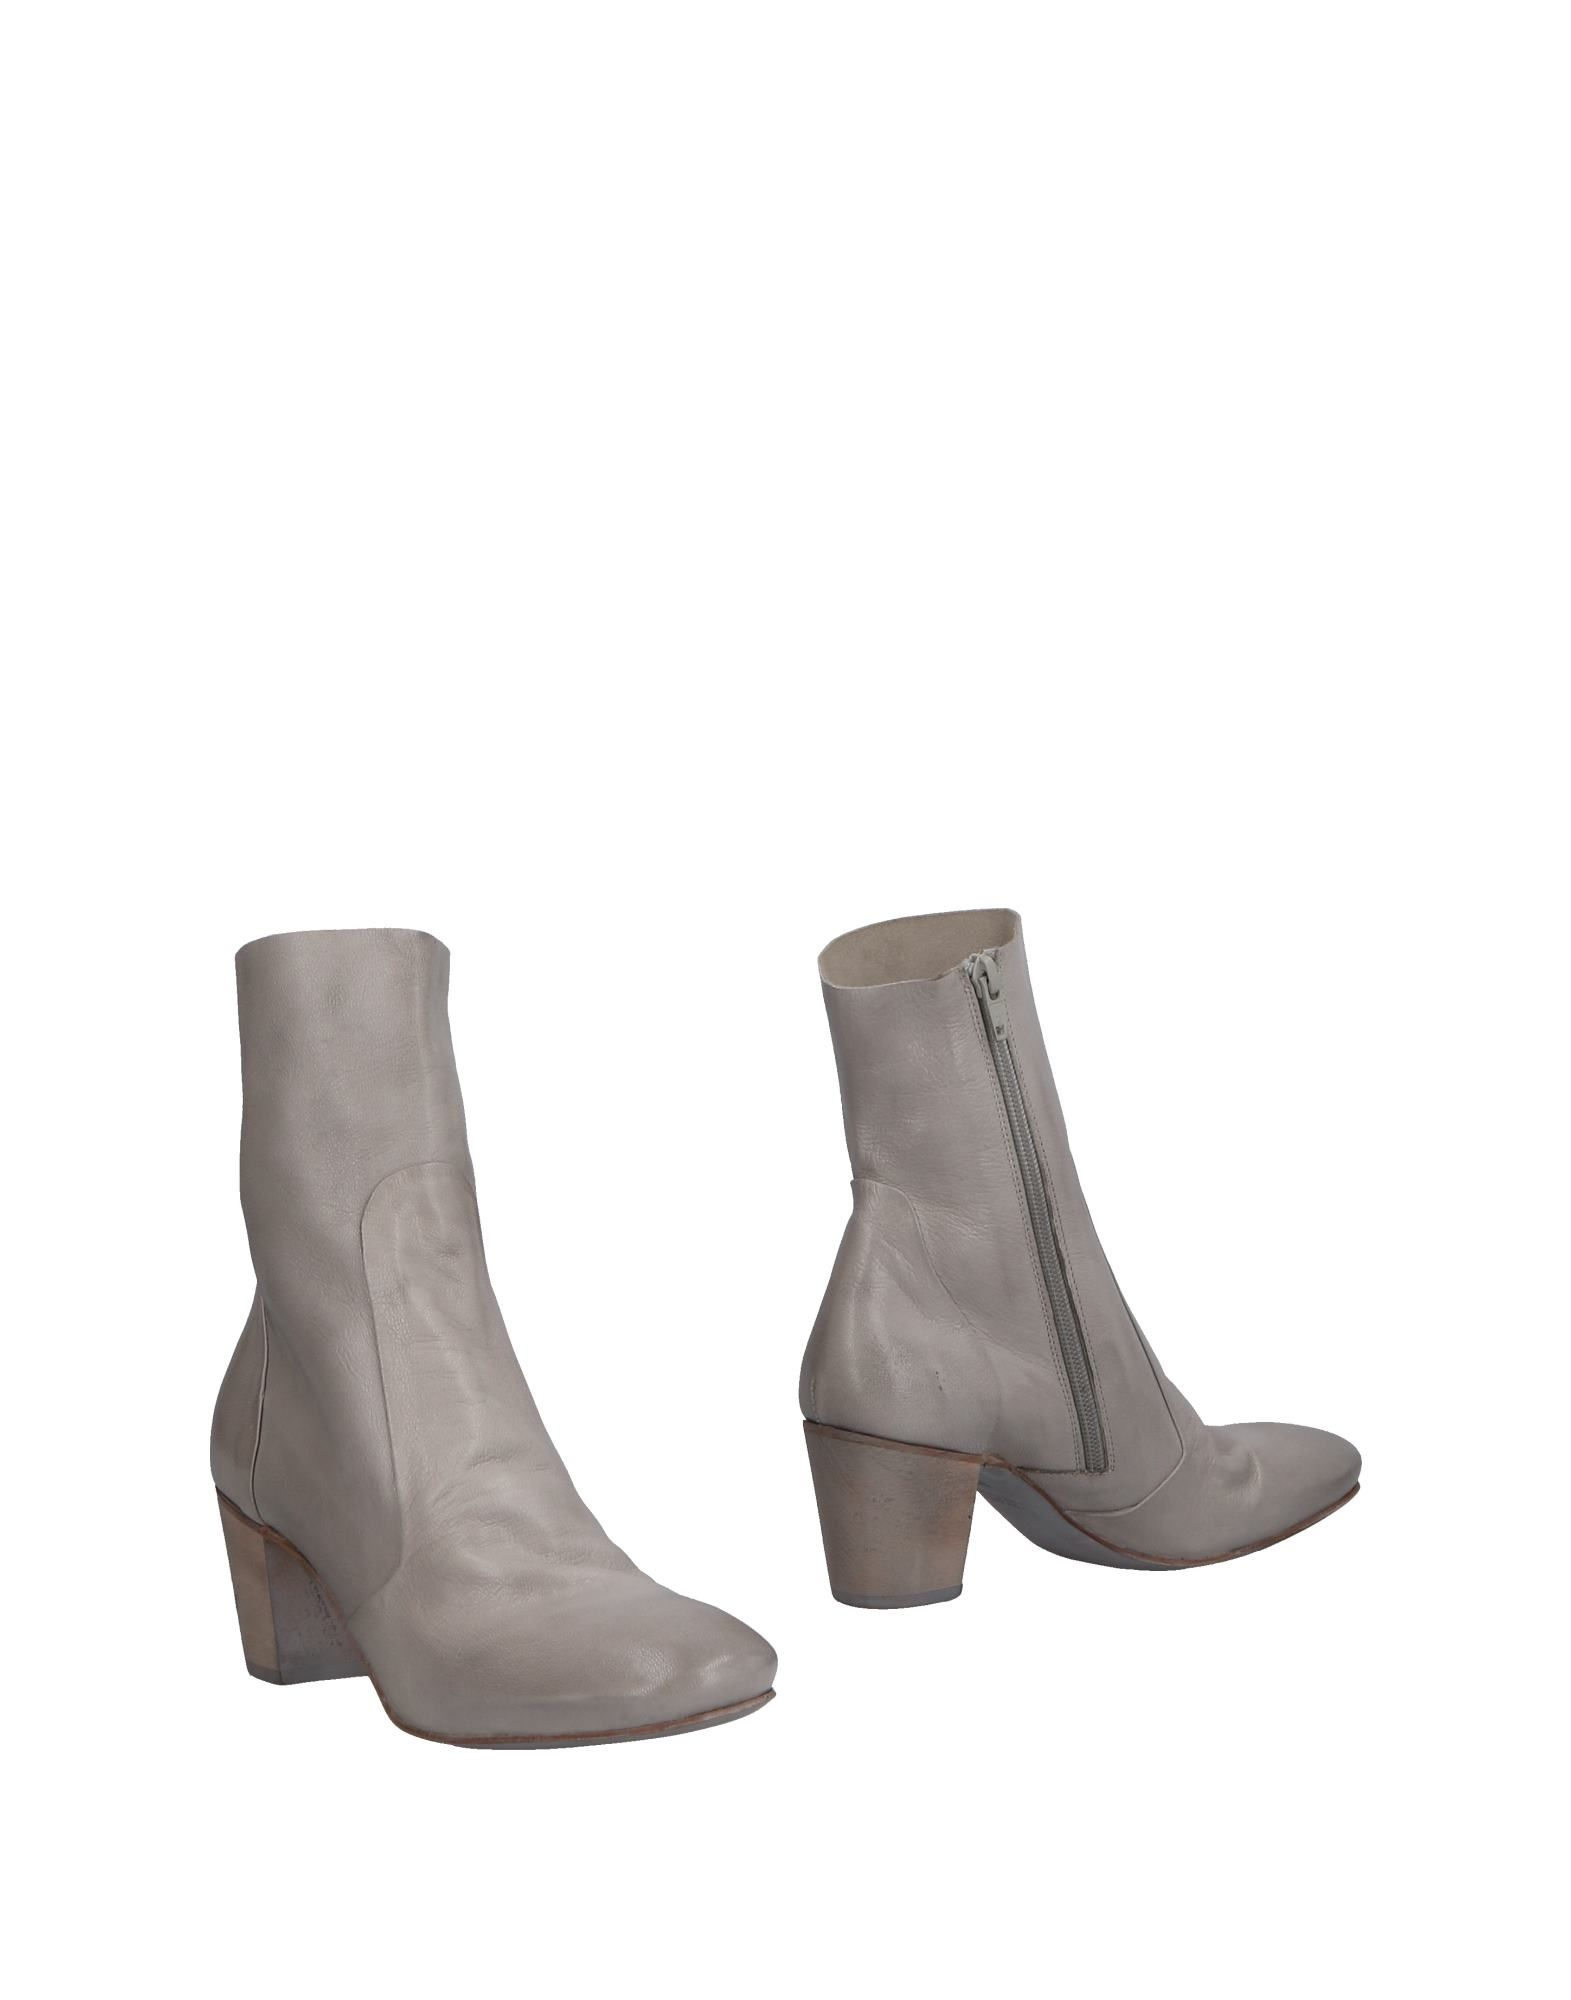 Haltbare Mode billige Schuhe Jfk Stiefelette Damen  11503244LB Heiße Schuhe